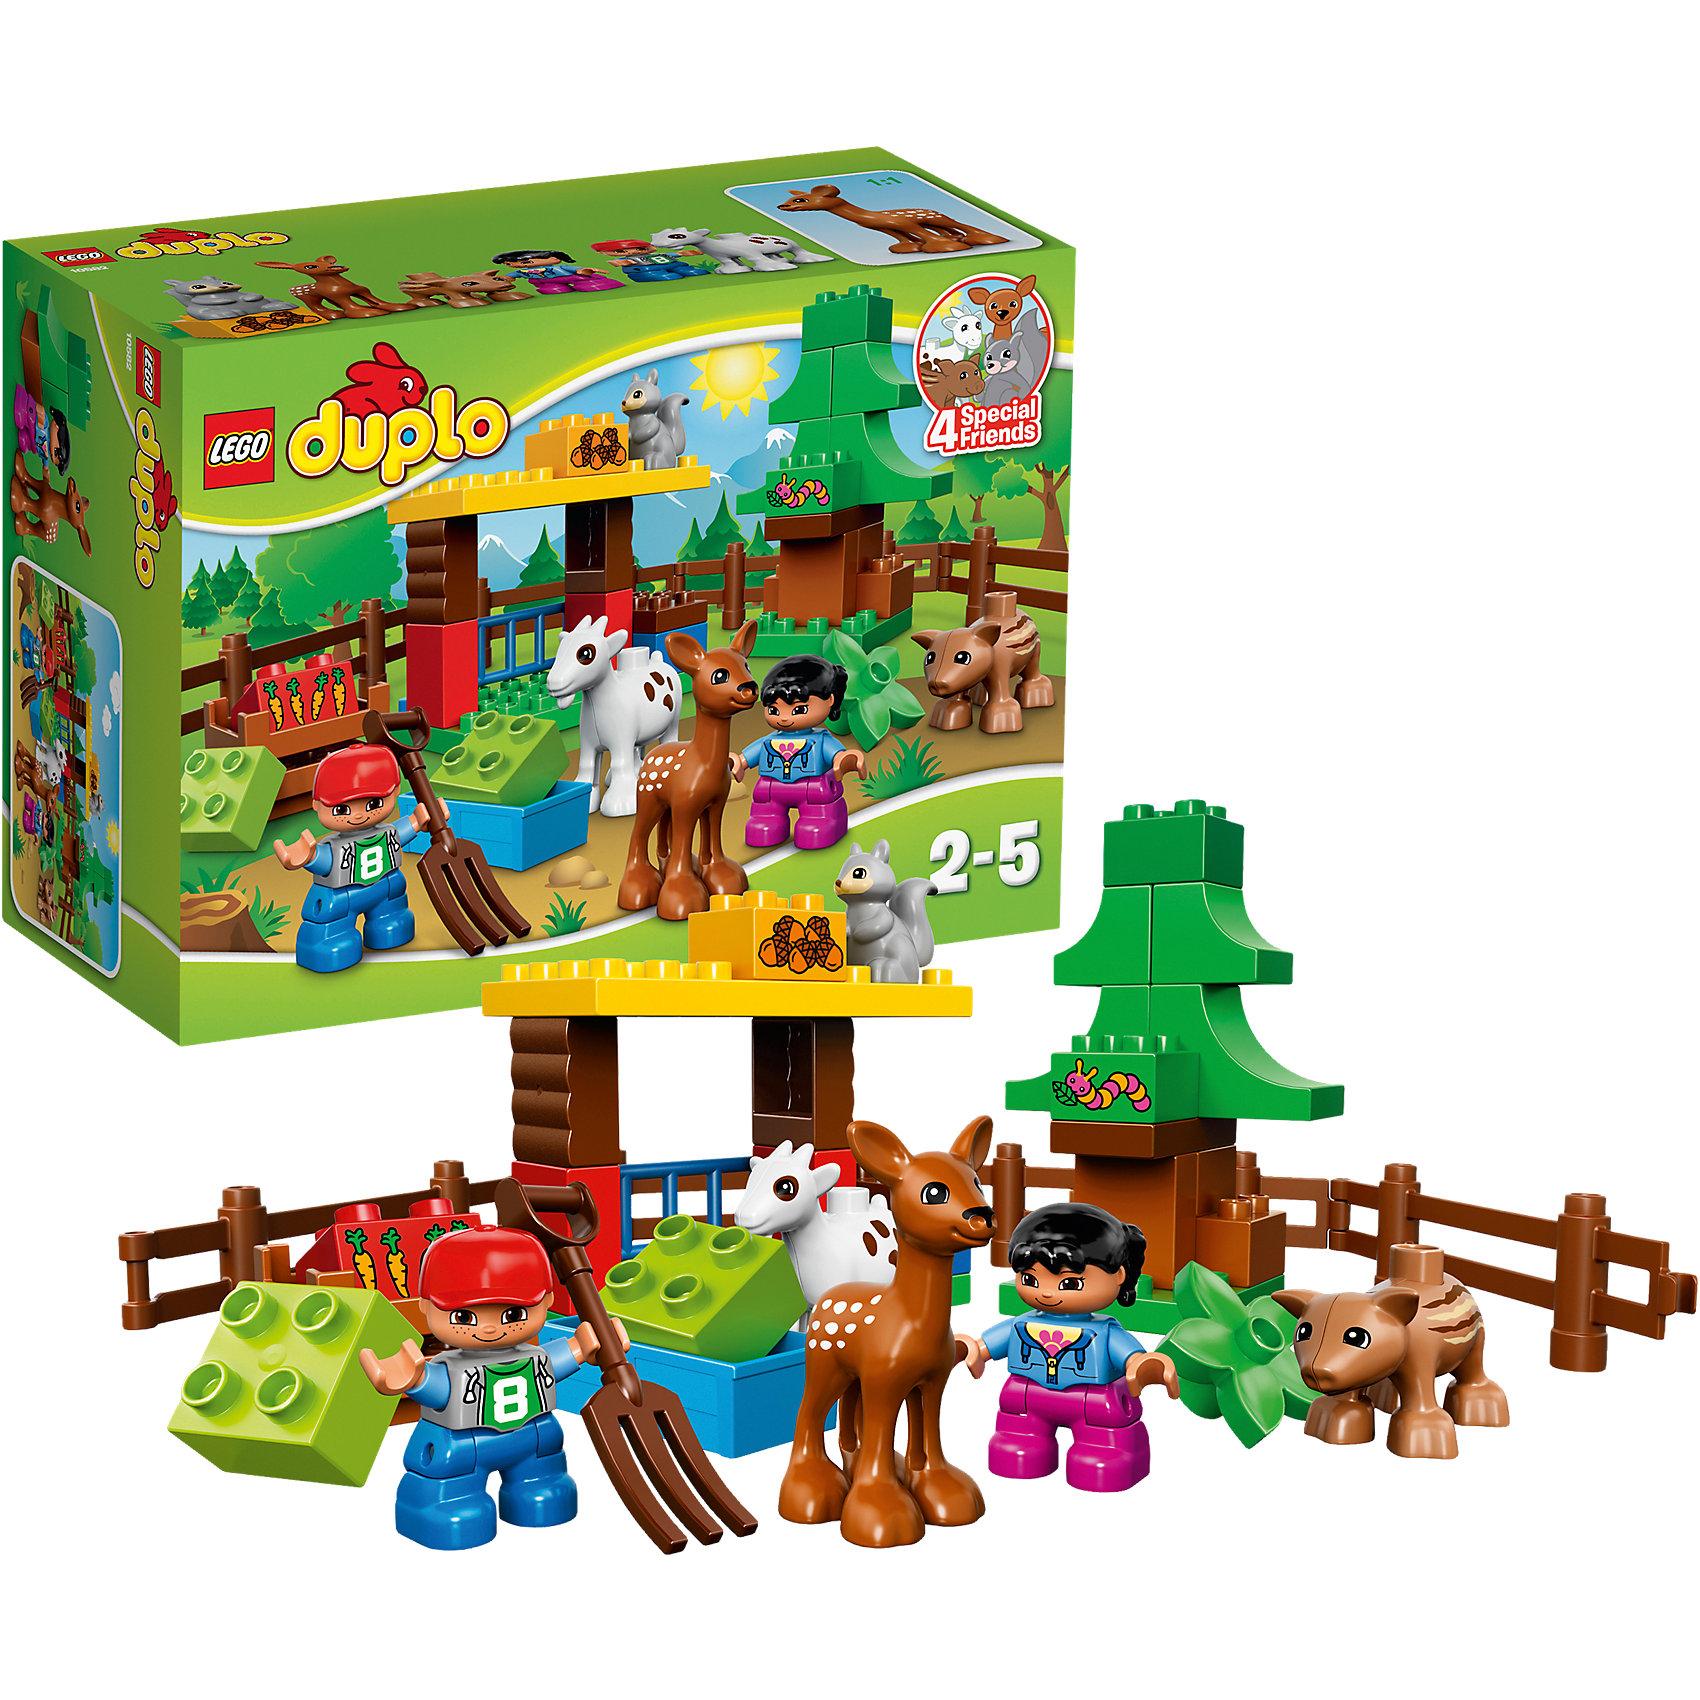 LEGO DUPLO 10582: Лесные животныеЗамечательная новинка от LEGO DUPLO (ЛЕГО Дупло) 10582: Лесные животные! Познакомить малыша с дикой природой теперь так просто. С помощью деталей набора кроха сможет построить замечательный просторный вольер с навесом и калиткой. В нем дружно живут белочка, косуля, козочка и многие другие животные. Благодаря минифигуркам мальчика и девочки малыш сможет разыграть множество интересных ситуаций. Кроха сможет поближе познакомиться с лесными животными и поймет, что они совсем не страшные. Их можно кормить и играть с ними. Играя с конструктором Лесные животные, малыш узнает кто из зверей чем питается и какие у него повадки. Яркий и очень привлекательный конструктор LEGO DUPLO (ЛЕГО Дупло) надолго привлечет внимание малыша и подарит много положительных эмоций!<br><br>Конструкторы LEGO DUPLO (ЛЕГО ДУПЛО) созданы специально для детей дошкольного возраста. Они сочетают увлекательную игру и обучение, а также развивают мелкую моторику, пространственное мышление и творческие способности малышей. Кубики LEGO DUPLO (ЛЕГО ДУПЛО) в 8 раз больше, чем обычные, что позволяет ребенку удобно держать их ручками и быстро строить. Большое количество дополнительных элементов делает игровые сюжеты по-настоящему захватывающими и реалистичными. Все наборы LEGO DUPLO (ЛЕГО ДУПЛО) соответствуют самым высоким европейским стандартам качества и абсолютно безопасны. <br><br>Дополнительная информация:<br><br>- Конструкторы LEGO (ЛЕГО) отлично развивают моторику, мышление и фантазию Вашего ребенка;<br>- В комплекте: 2 минифигурки мальчика и девочки, белочка, косуля, козочка и кабан, деревянный ящик, голубая кормушка, вилы, сено, цветы, детали набора;<br>- Количество деталей: 39 шт;<br>- Идеальный первый конструктор;<br>- Серия: LEGO DUPLO (ЛЕГО Дупло);<br>- Материал: безопасный пластик;<br>- Размер упаковки: 26 x 19 x 12 см;<br>- Вес: 600 г<br><br>Конструктор LEGO DUPLO (ЛЕГО Дупло) 10582: Лесные животные можно купить в нашем магазине.<br><br>Ширина мм: 265<br>Глубина м